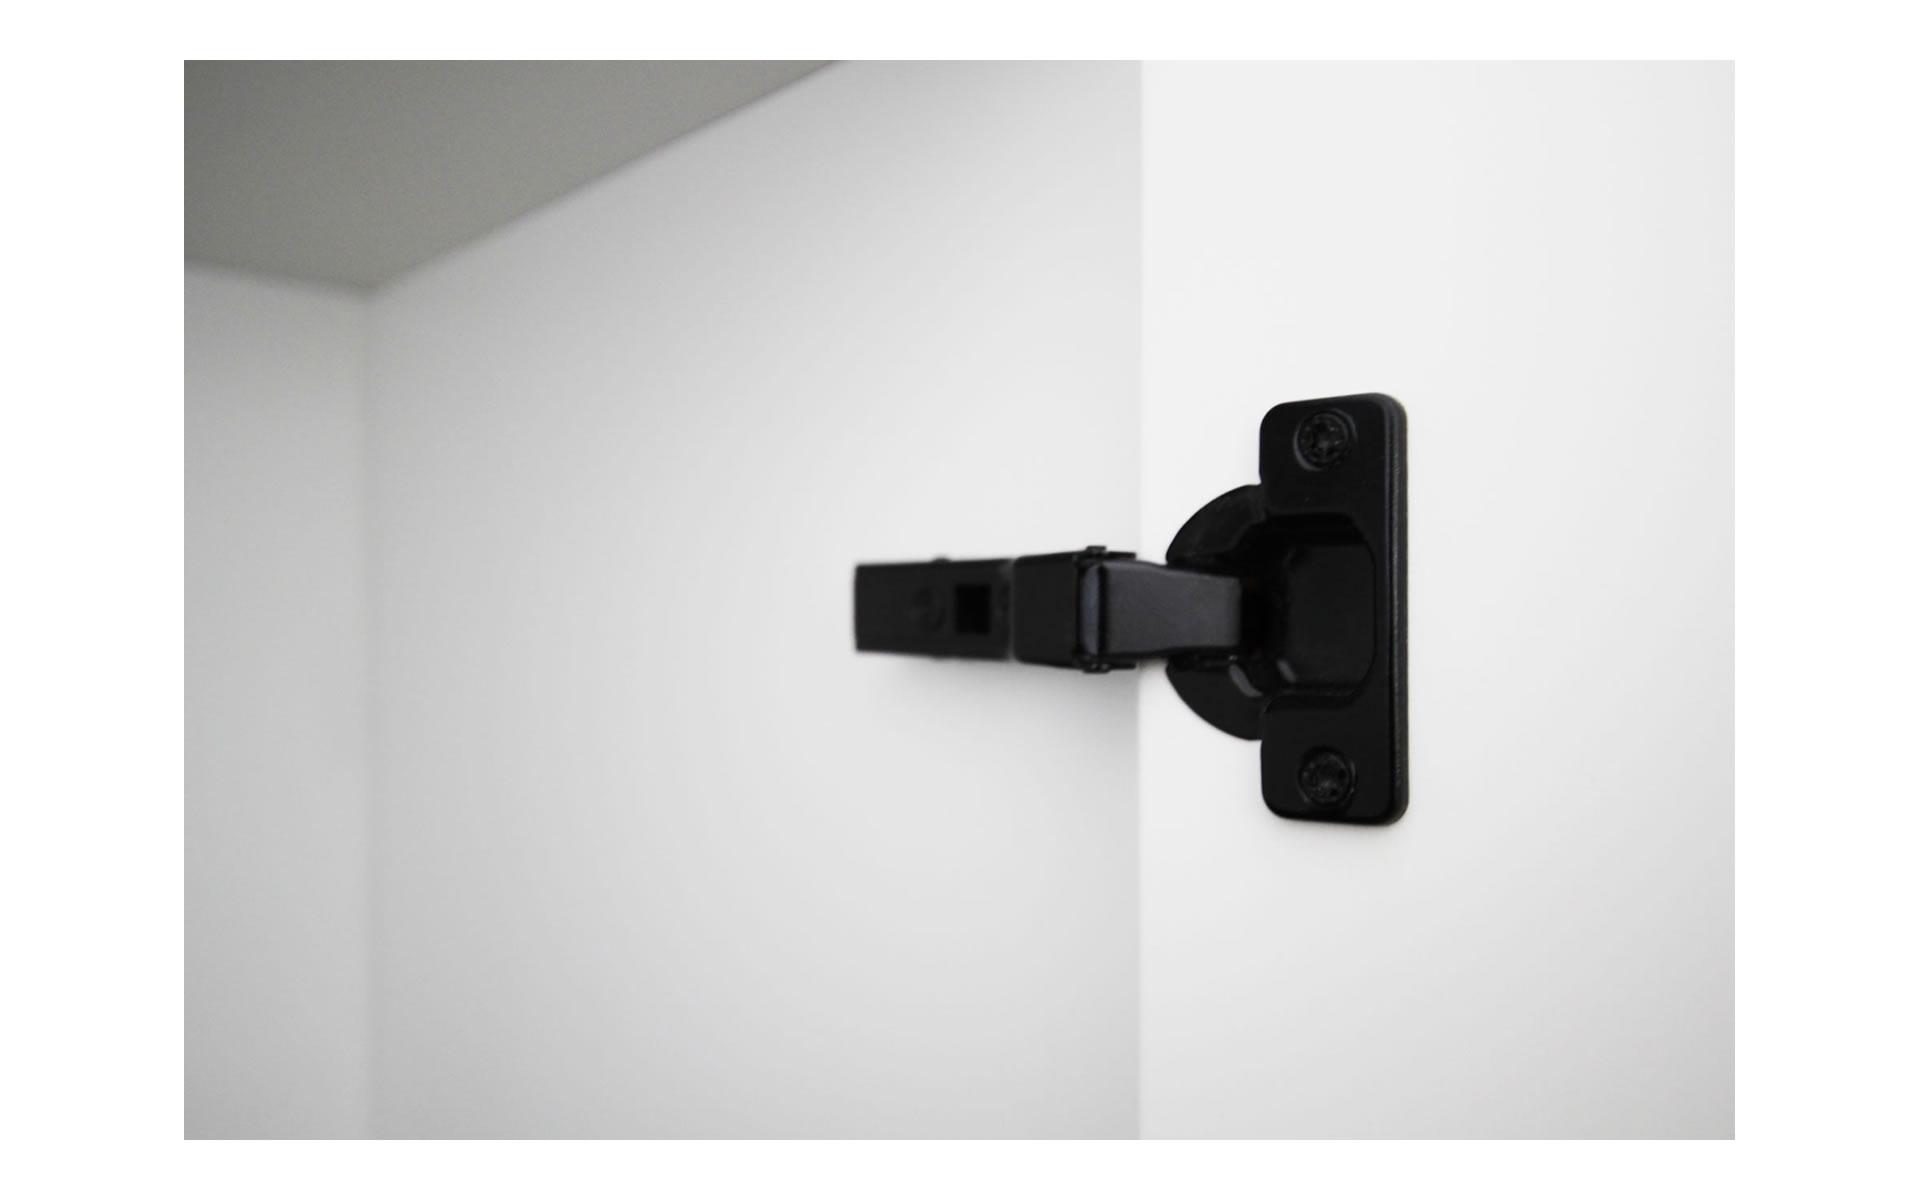 ... Tischlerei Muenster Individuell Planung Planer Designer Design  Minimalistisch Rechteck Felix Schwake ...